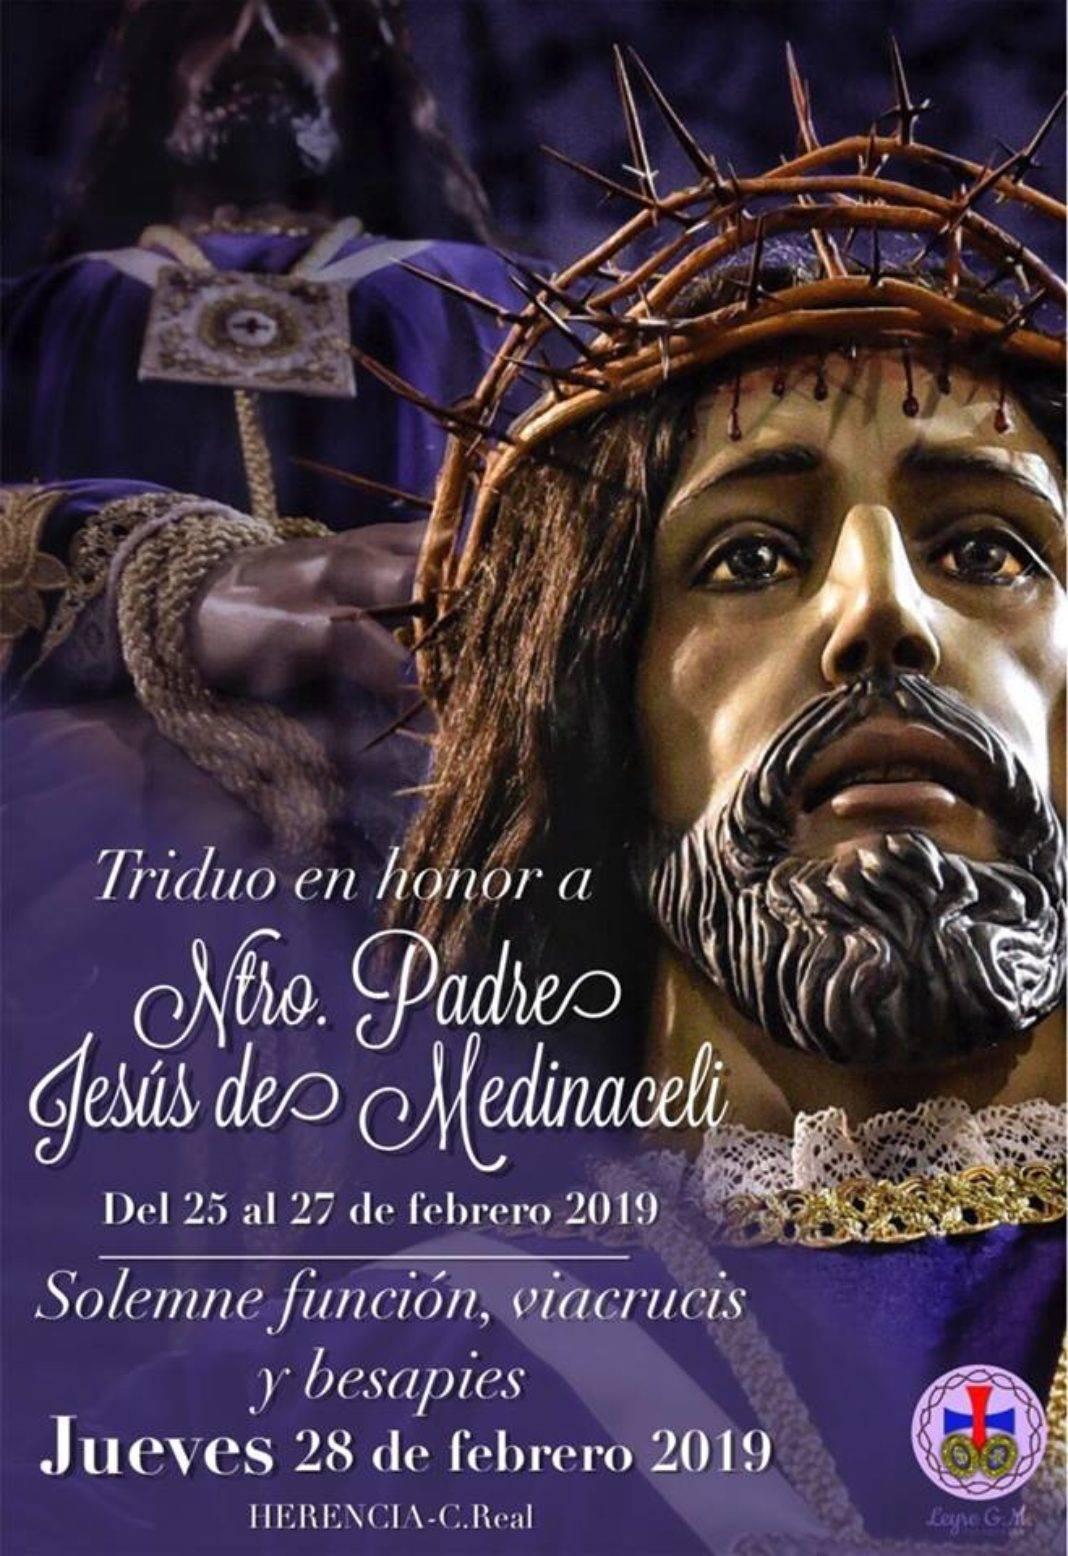 triduo y via crucis Jesús de Medinaceli 1068x1556 - El vía crucis de Jesús de Medinaceli este año será el jueves 28 de febrero